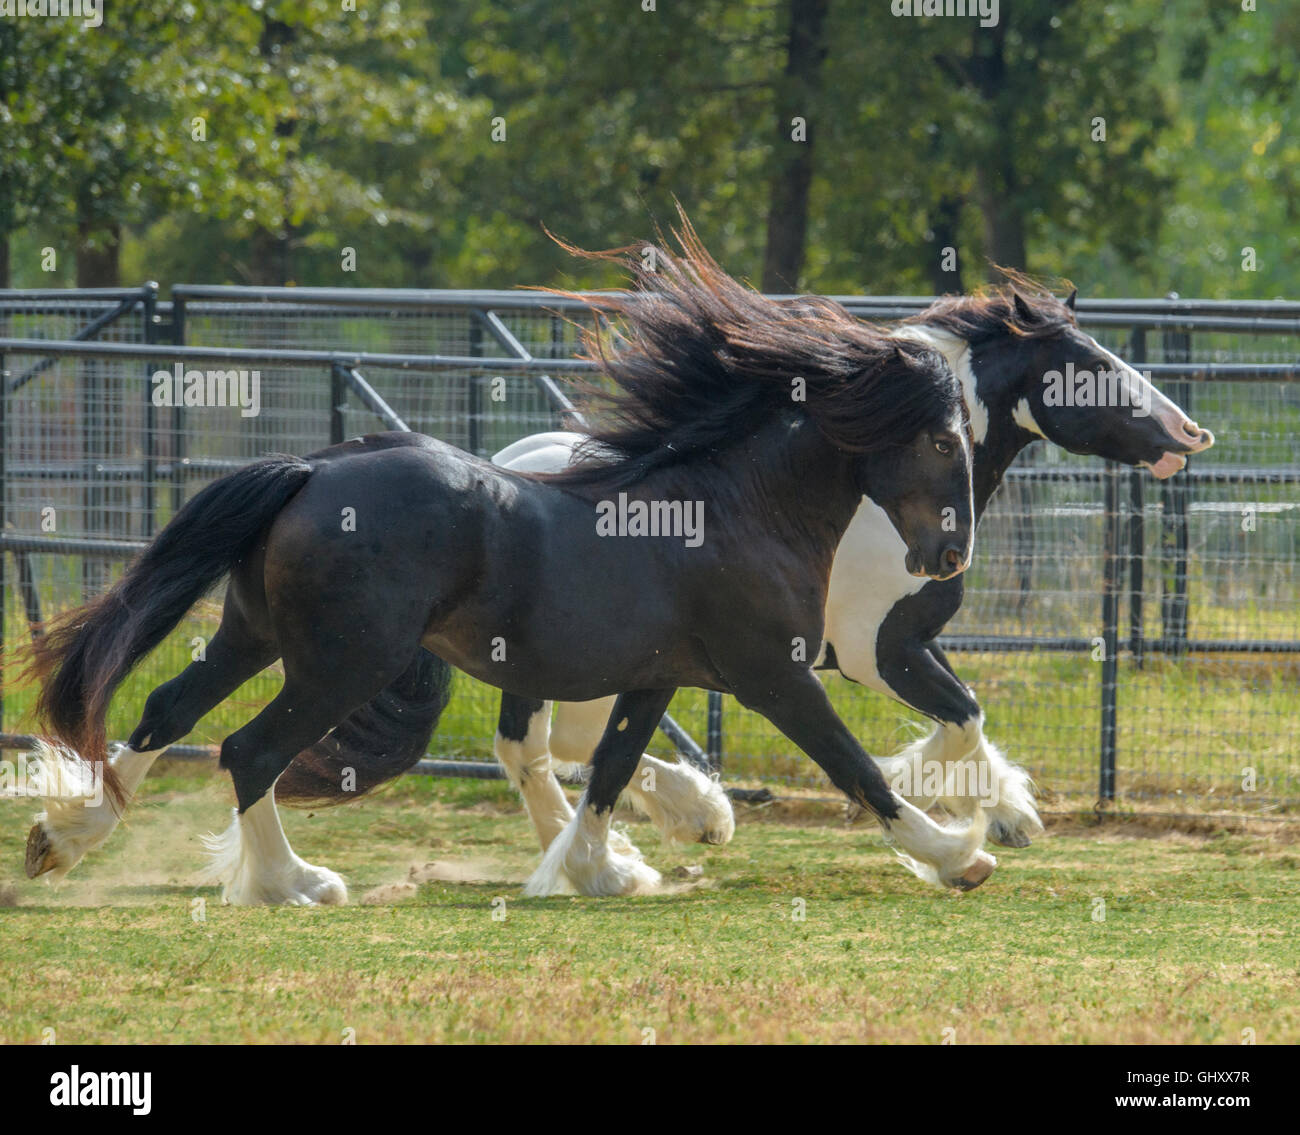 4 ans Gypsy Vanner Horse etalons rough house et jouer Photo Stock